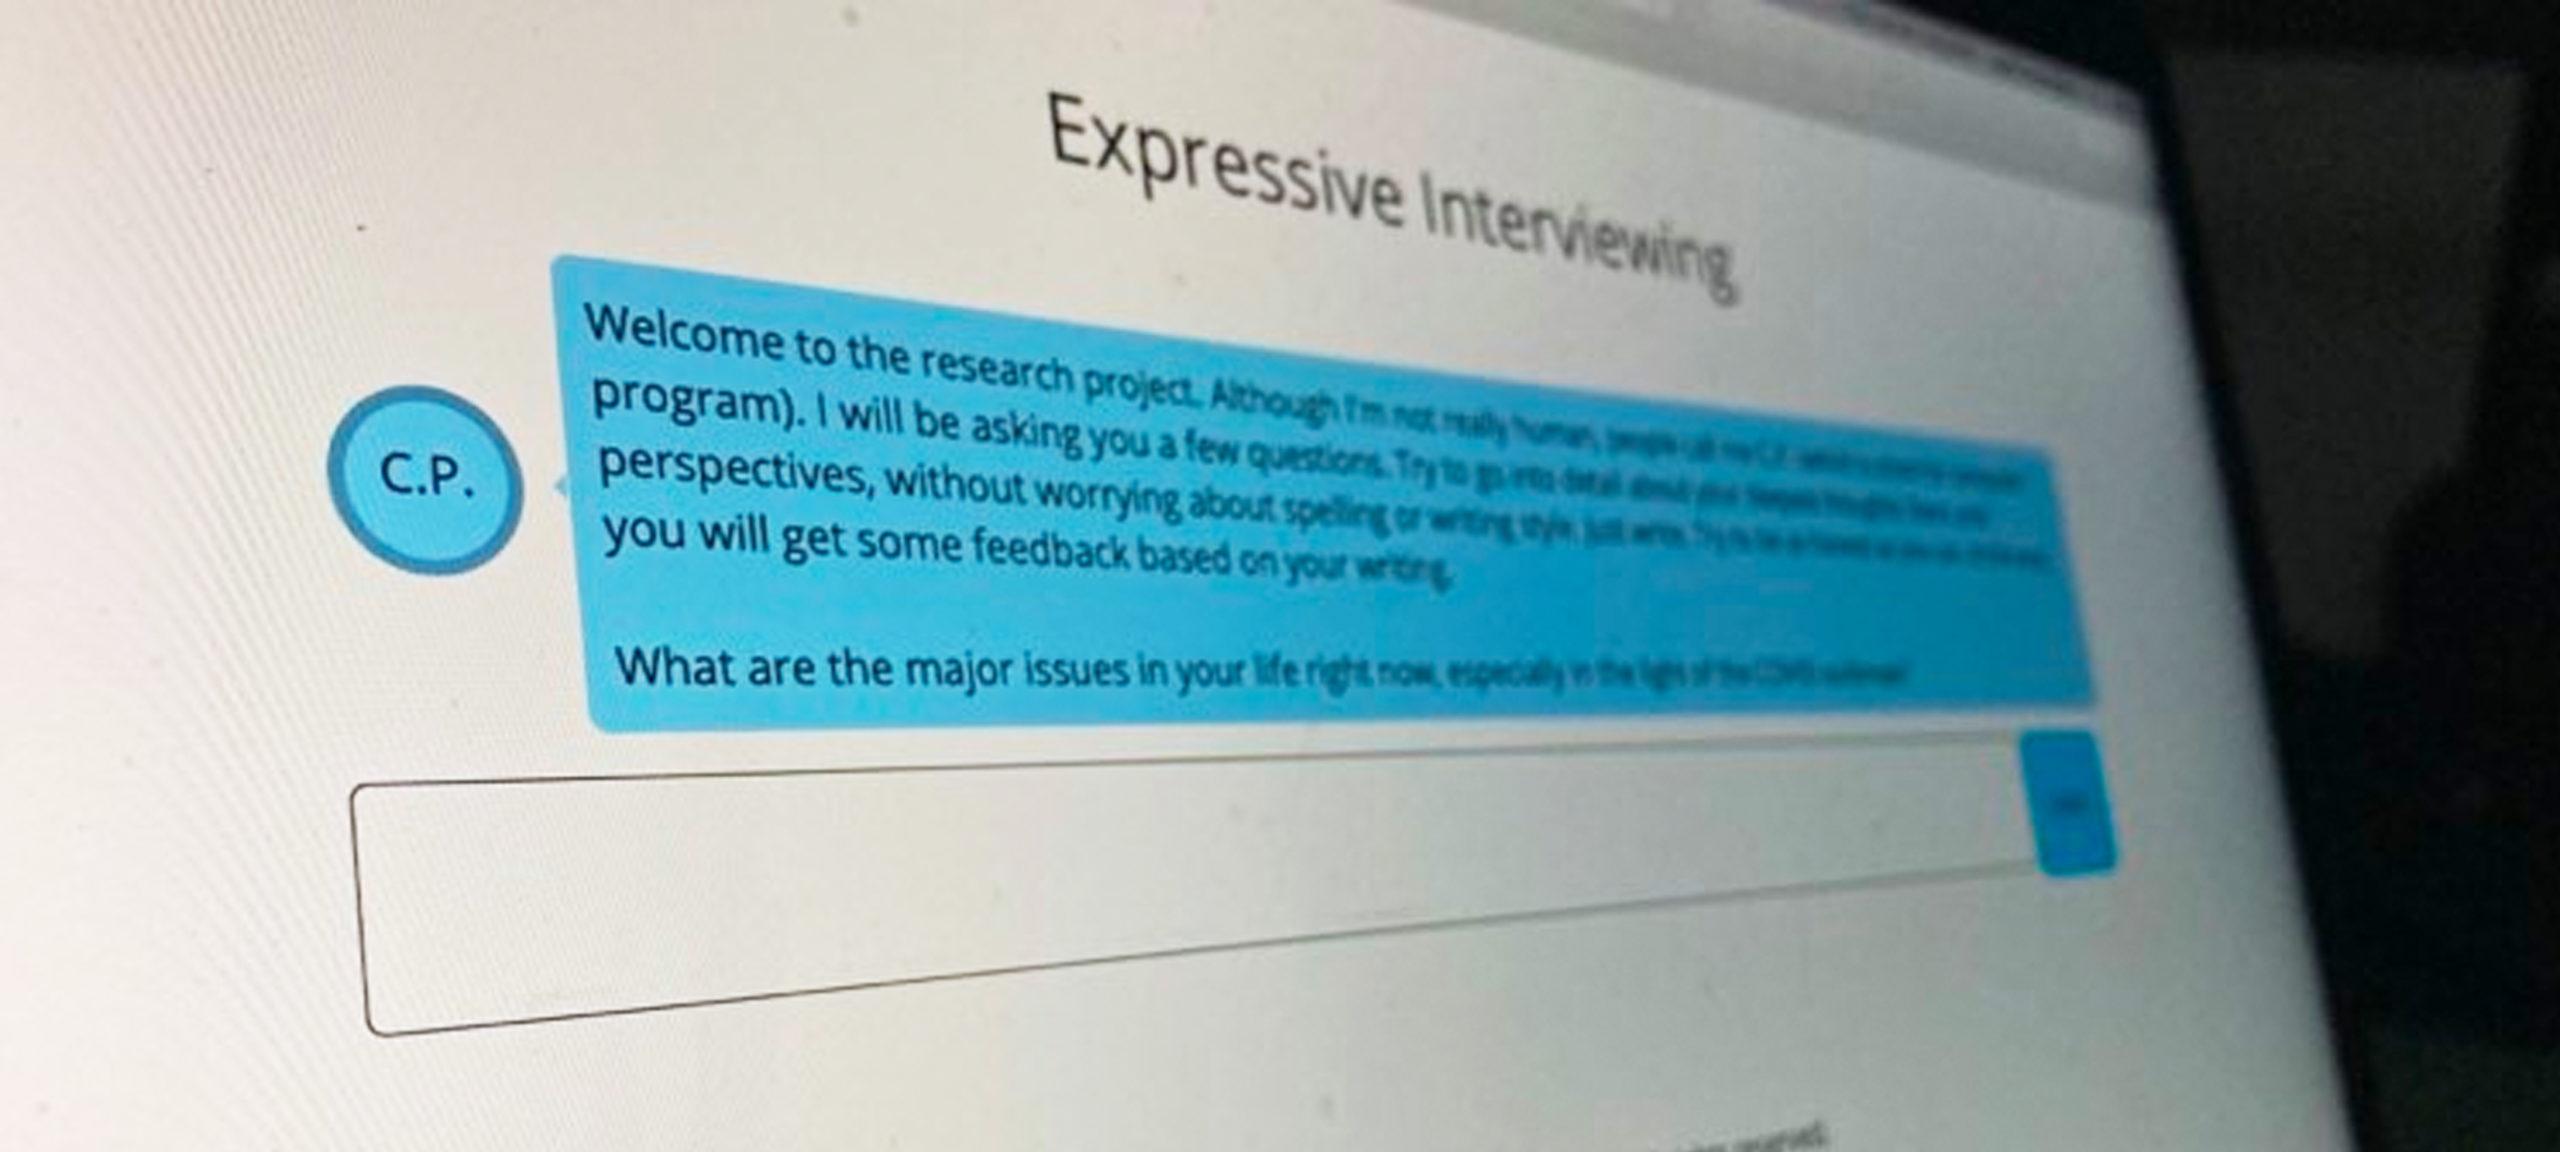 Screenshot of the interviewer